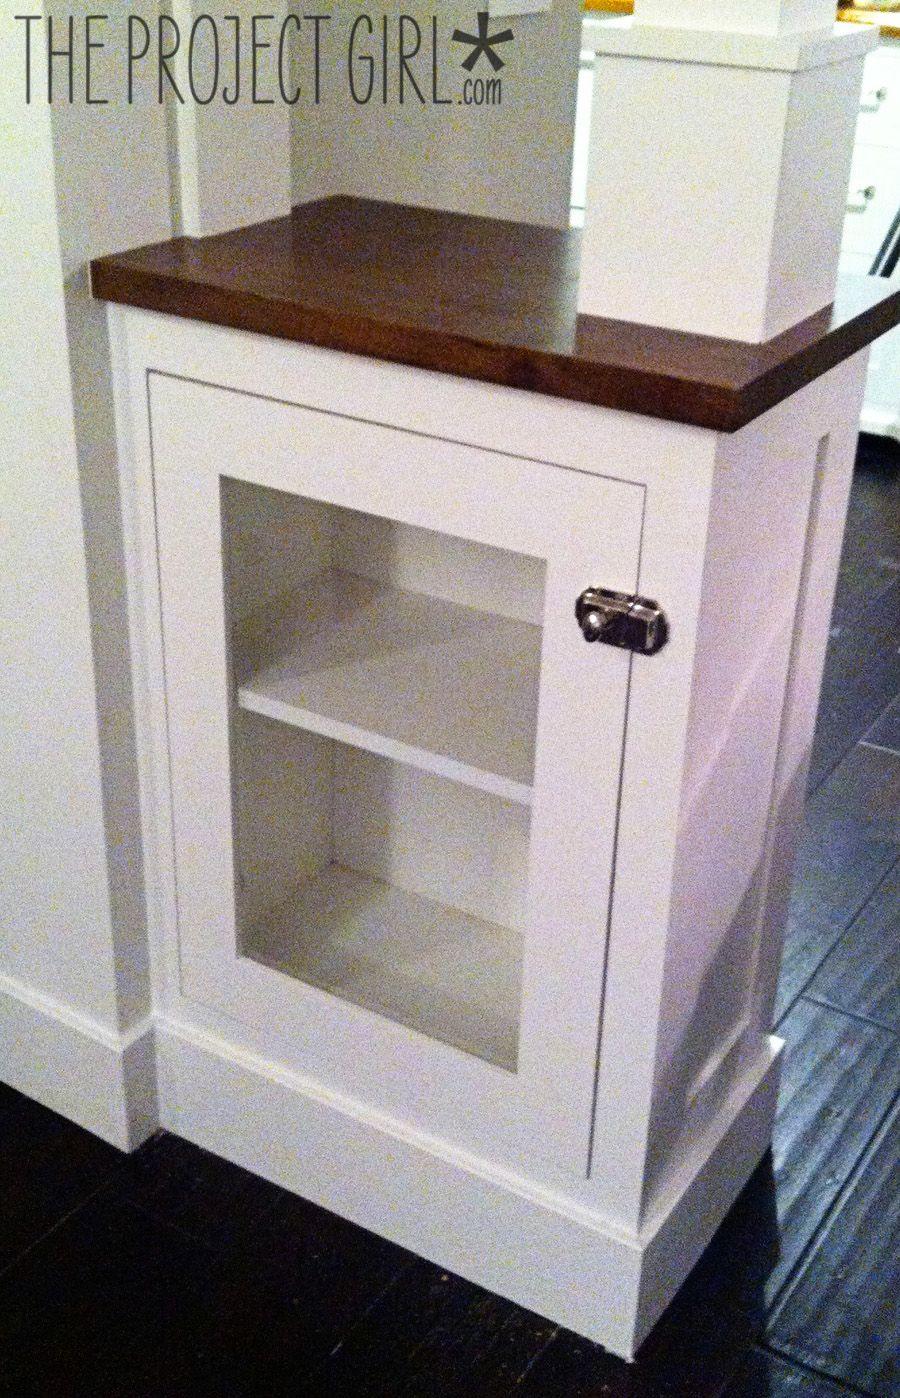 Craftsman style room divider columns added to diy living for Easy room divider